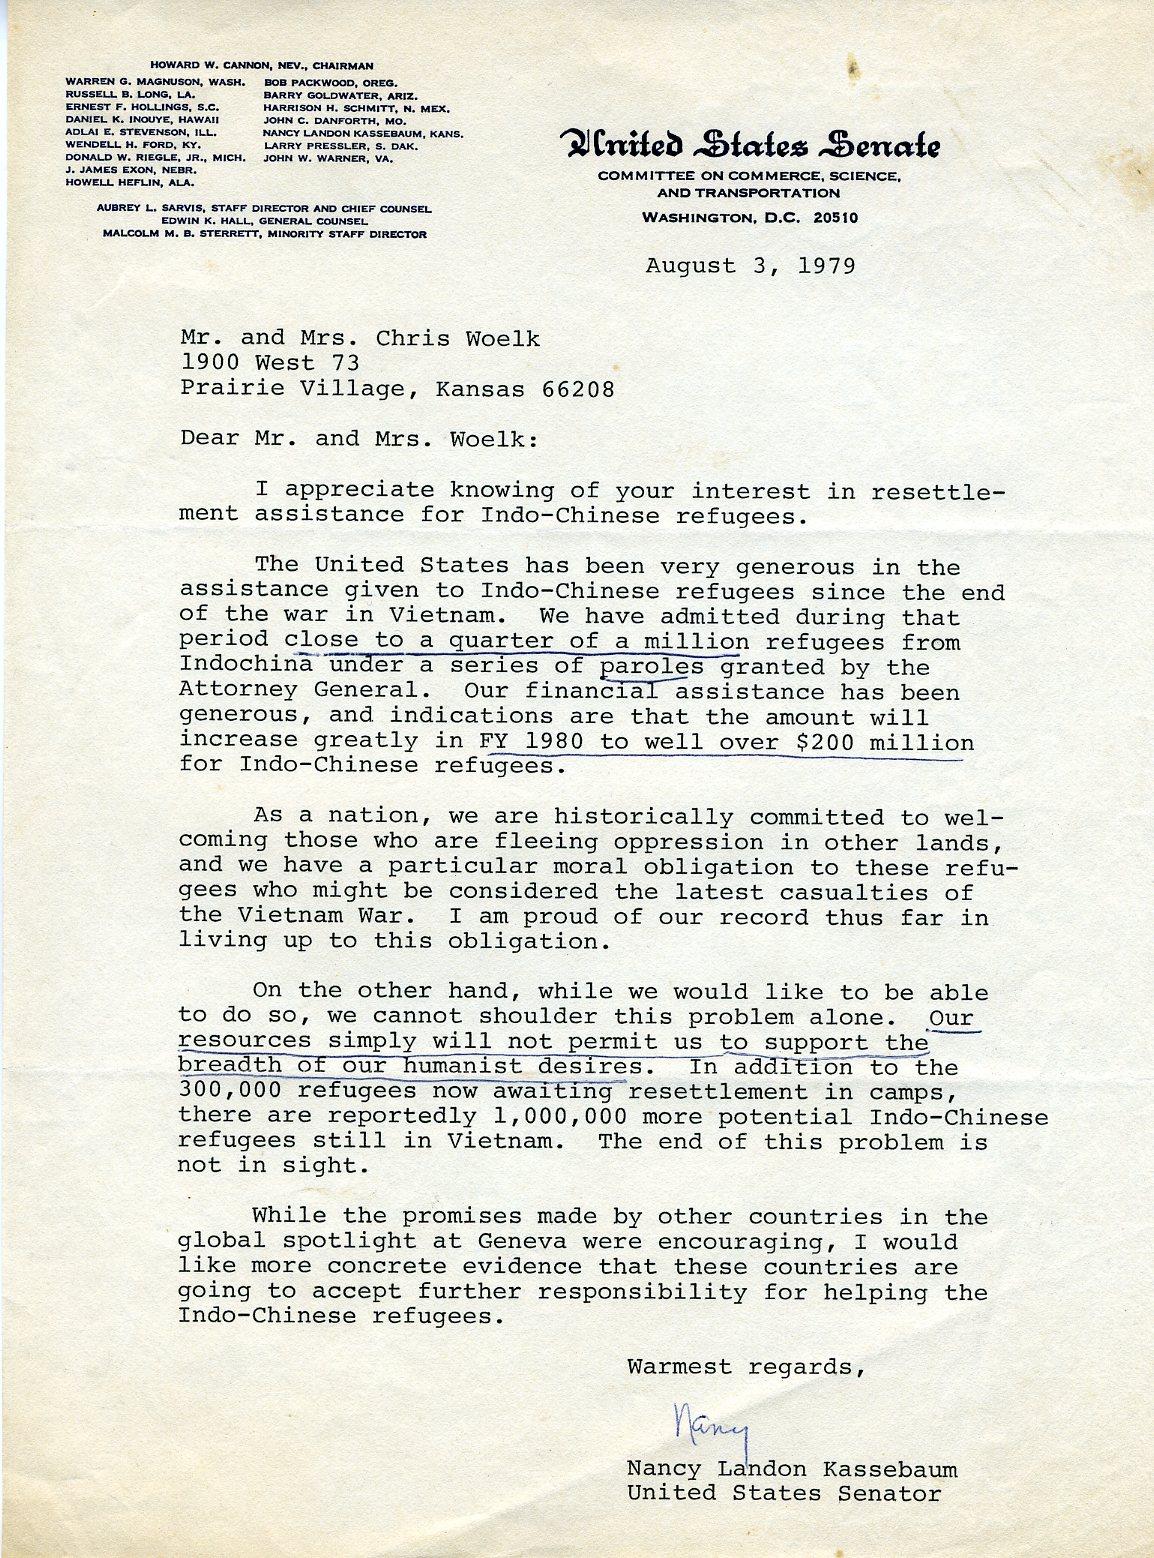 Letter from Senator